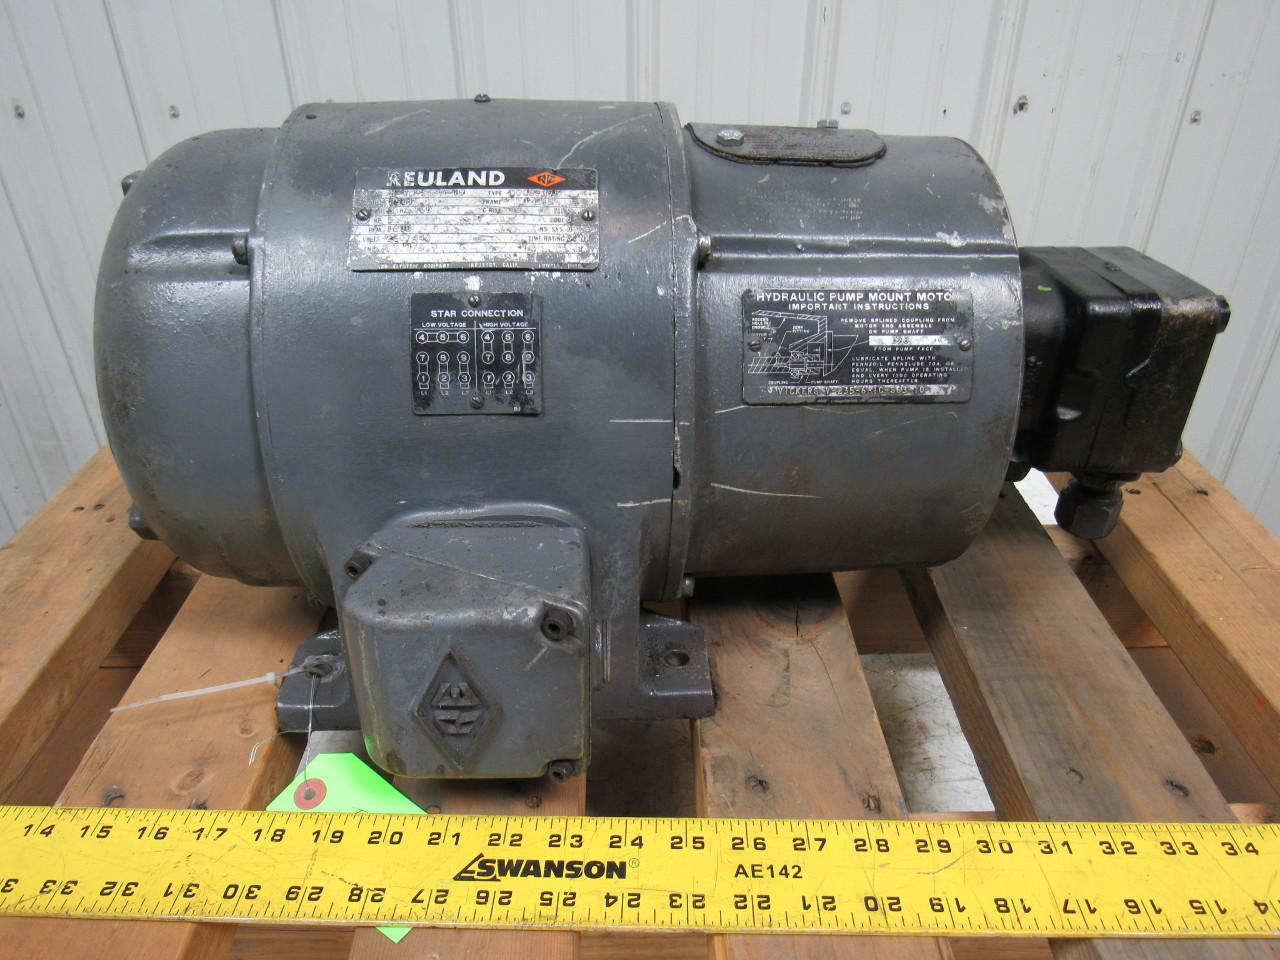 REULAND/VICKERS 2581/ v-235-6-1C-S63-10 5Hp 220/440V 1800Rpm Motor W/Vane Pump